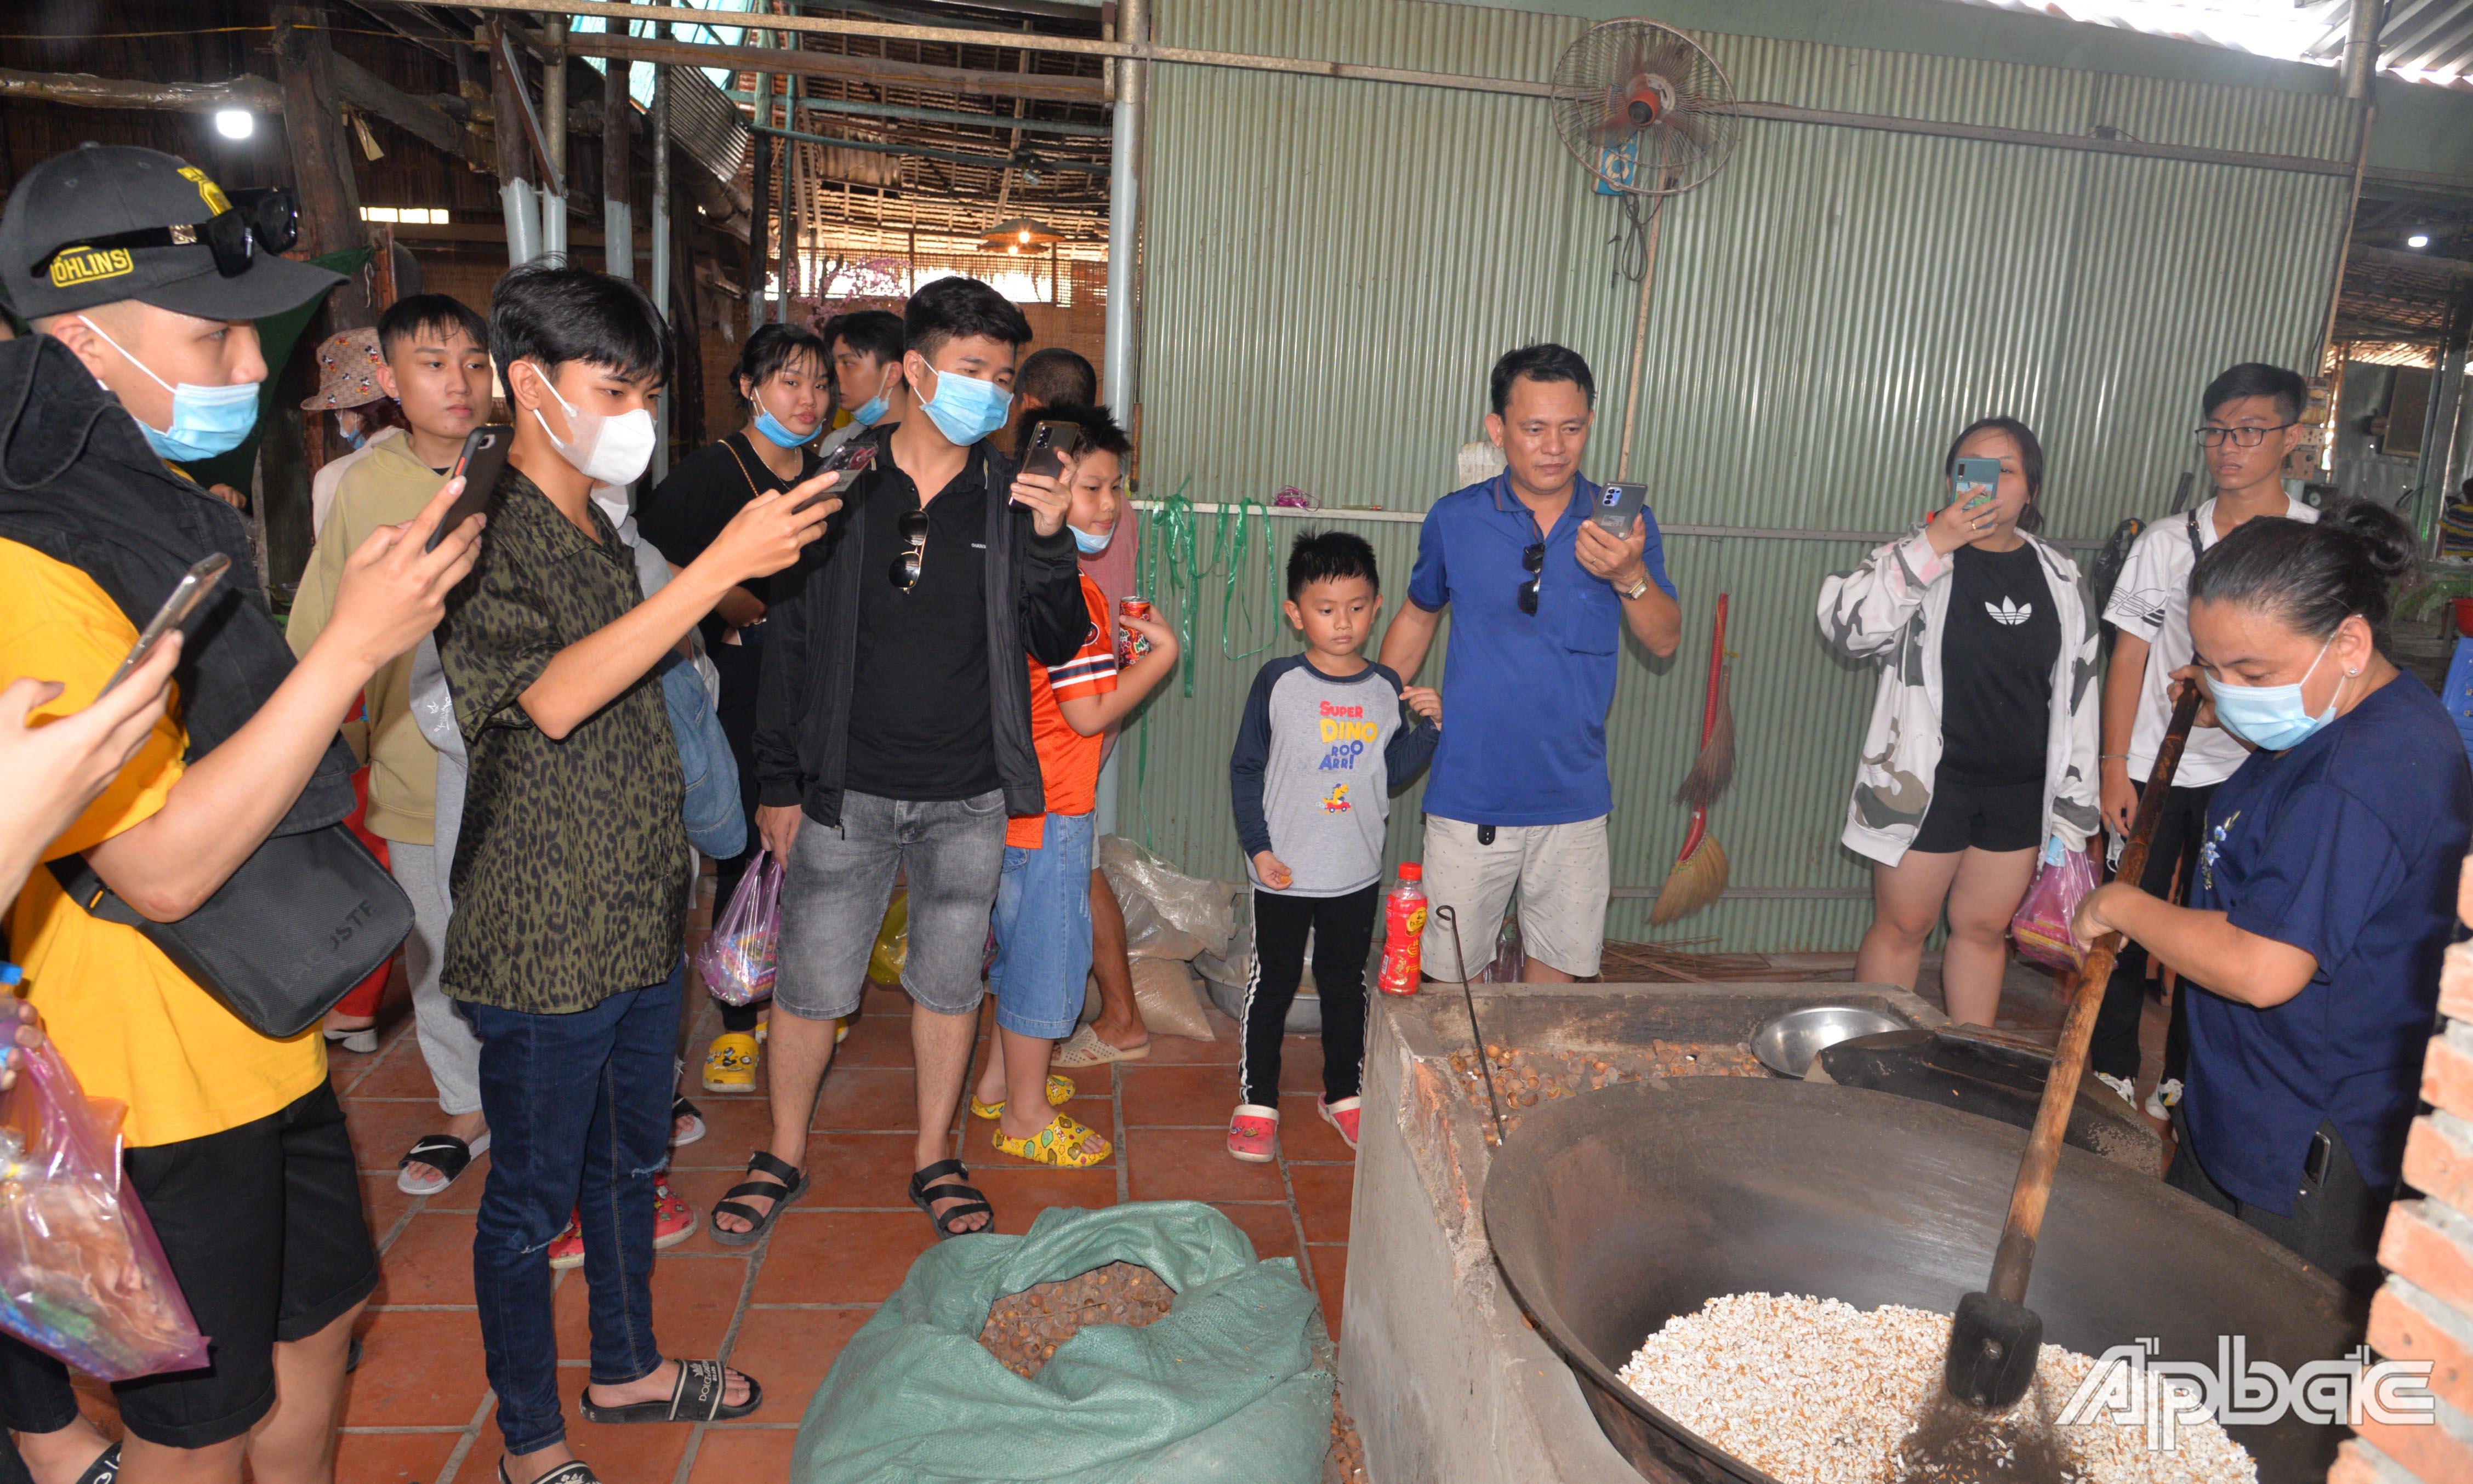 Khách tham quan trải nghiệm quy trình làm cốm ở Làng nghề  cốm An Ninh.